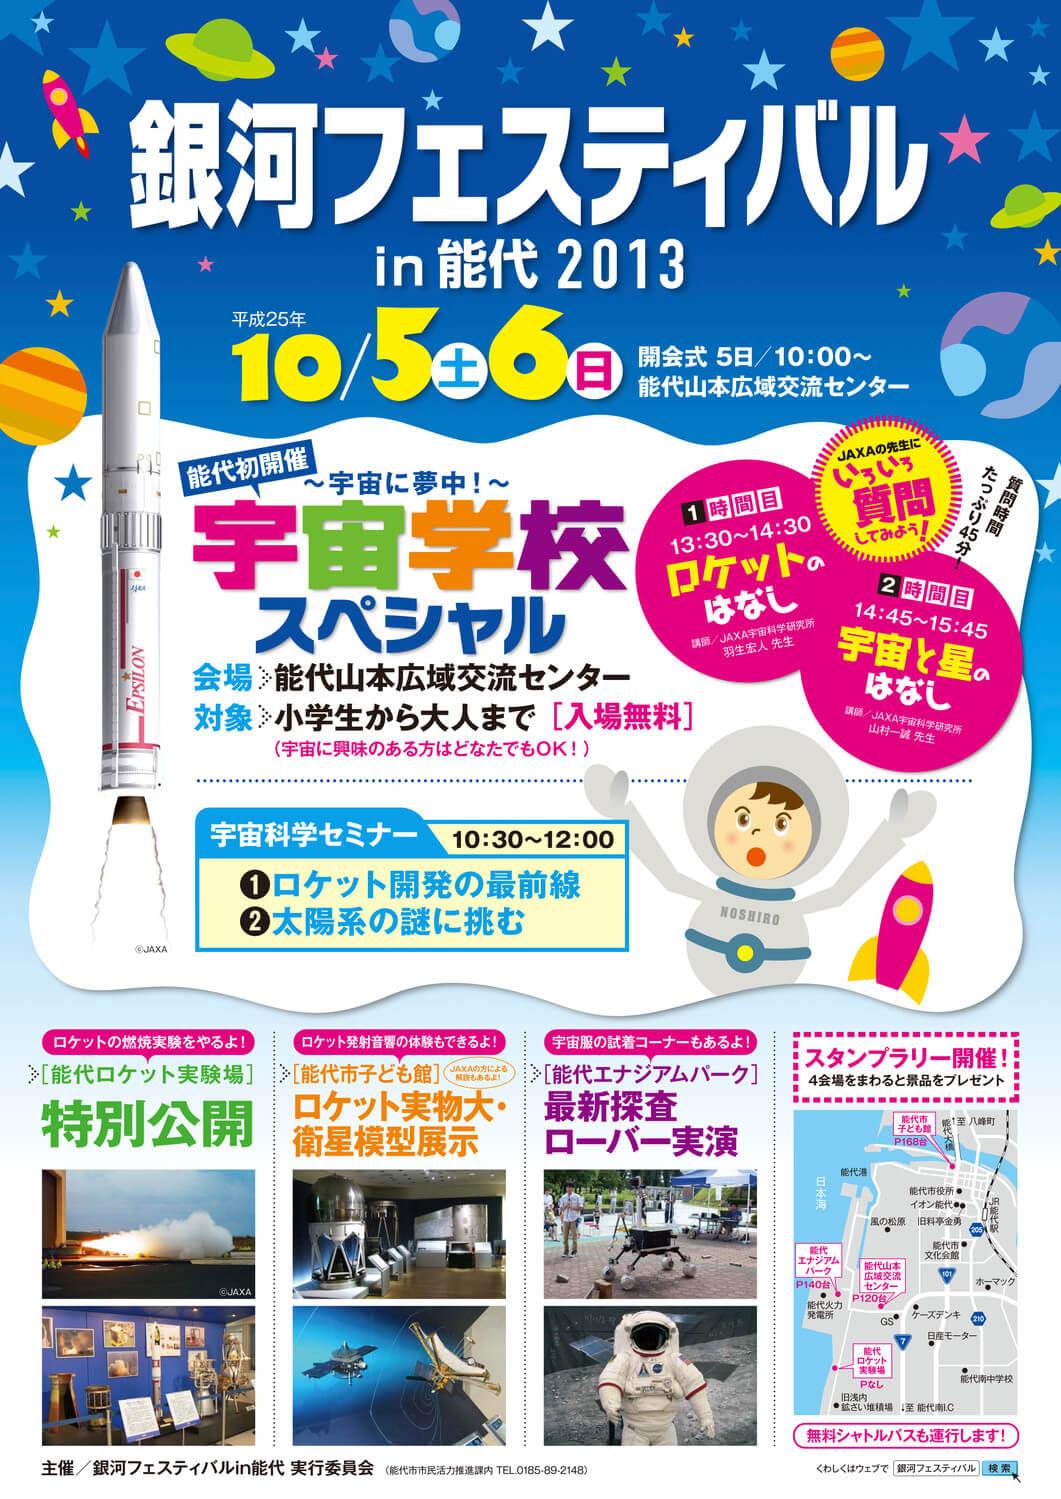 2013.10.5-6「銀河フェスティバル」宇宙カフェメニュー